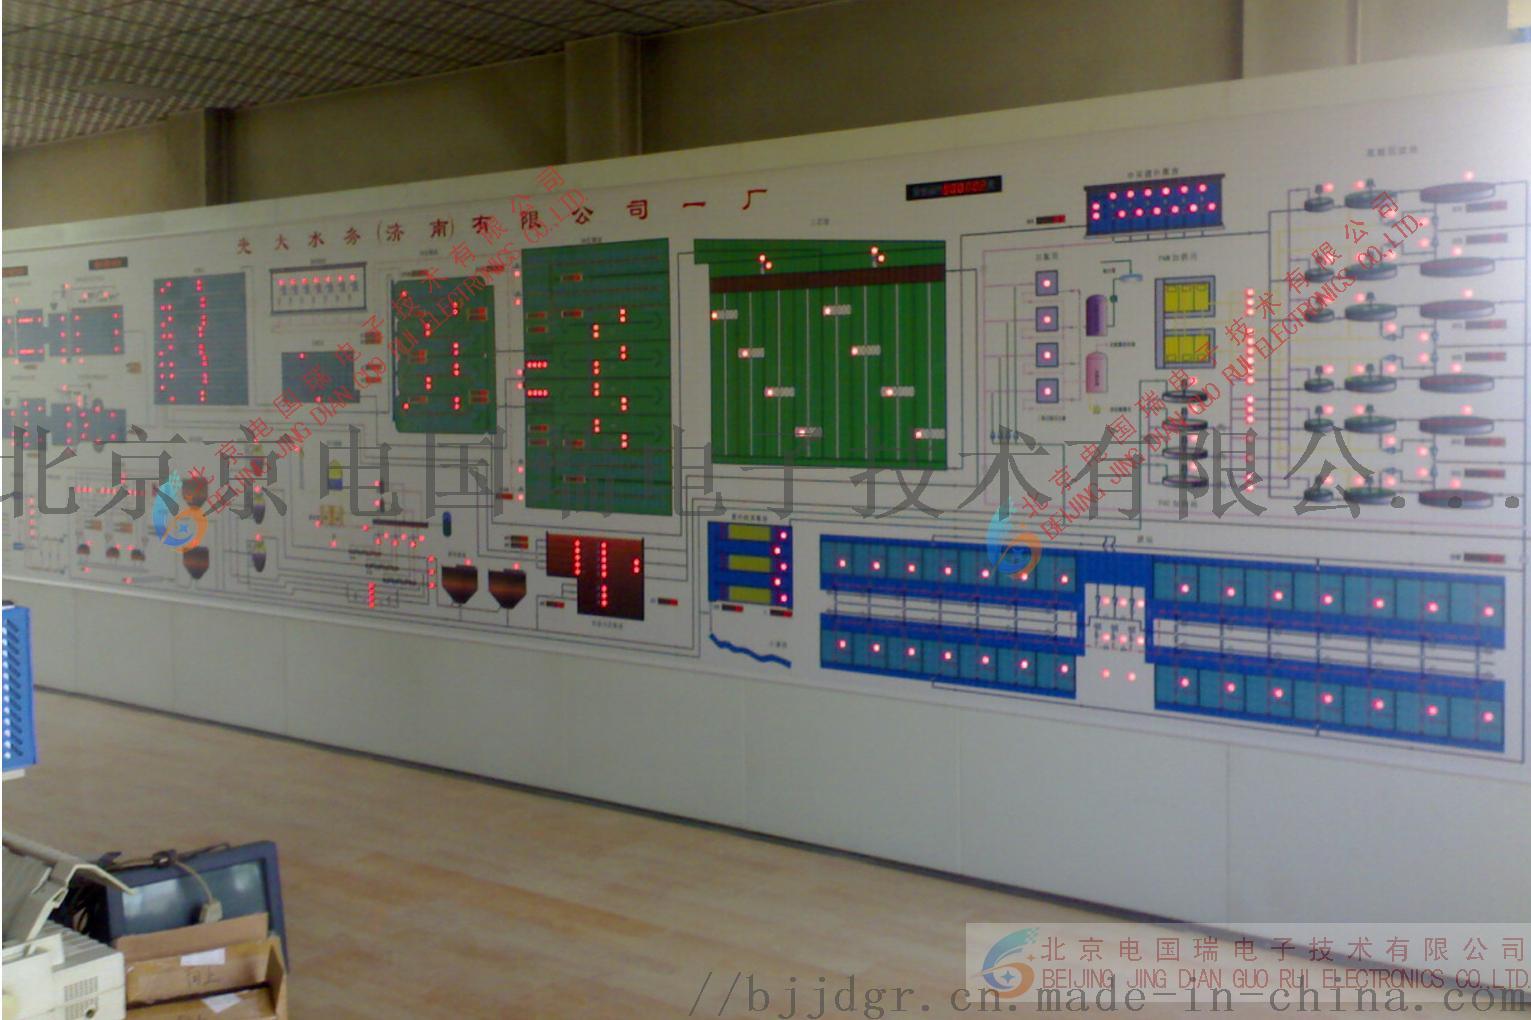 辽宁模拟屏 沈阳模拟屏 厂家直销 马赛克模拟屏758558102